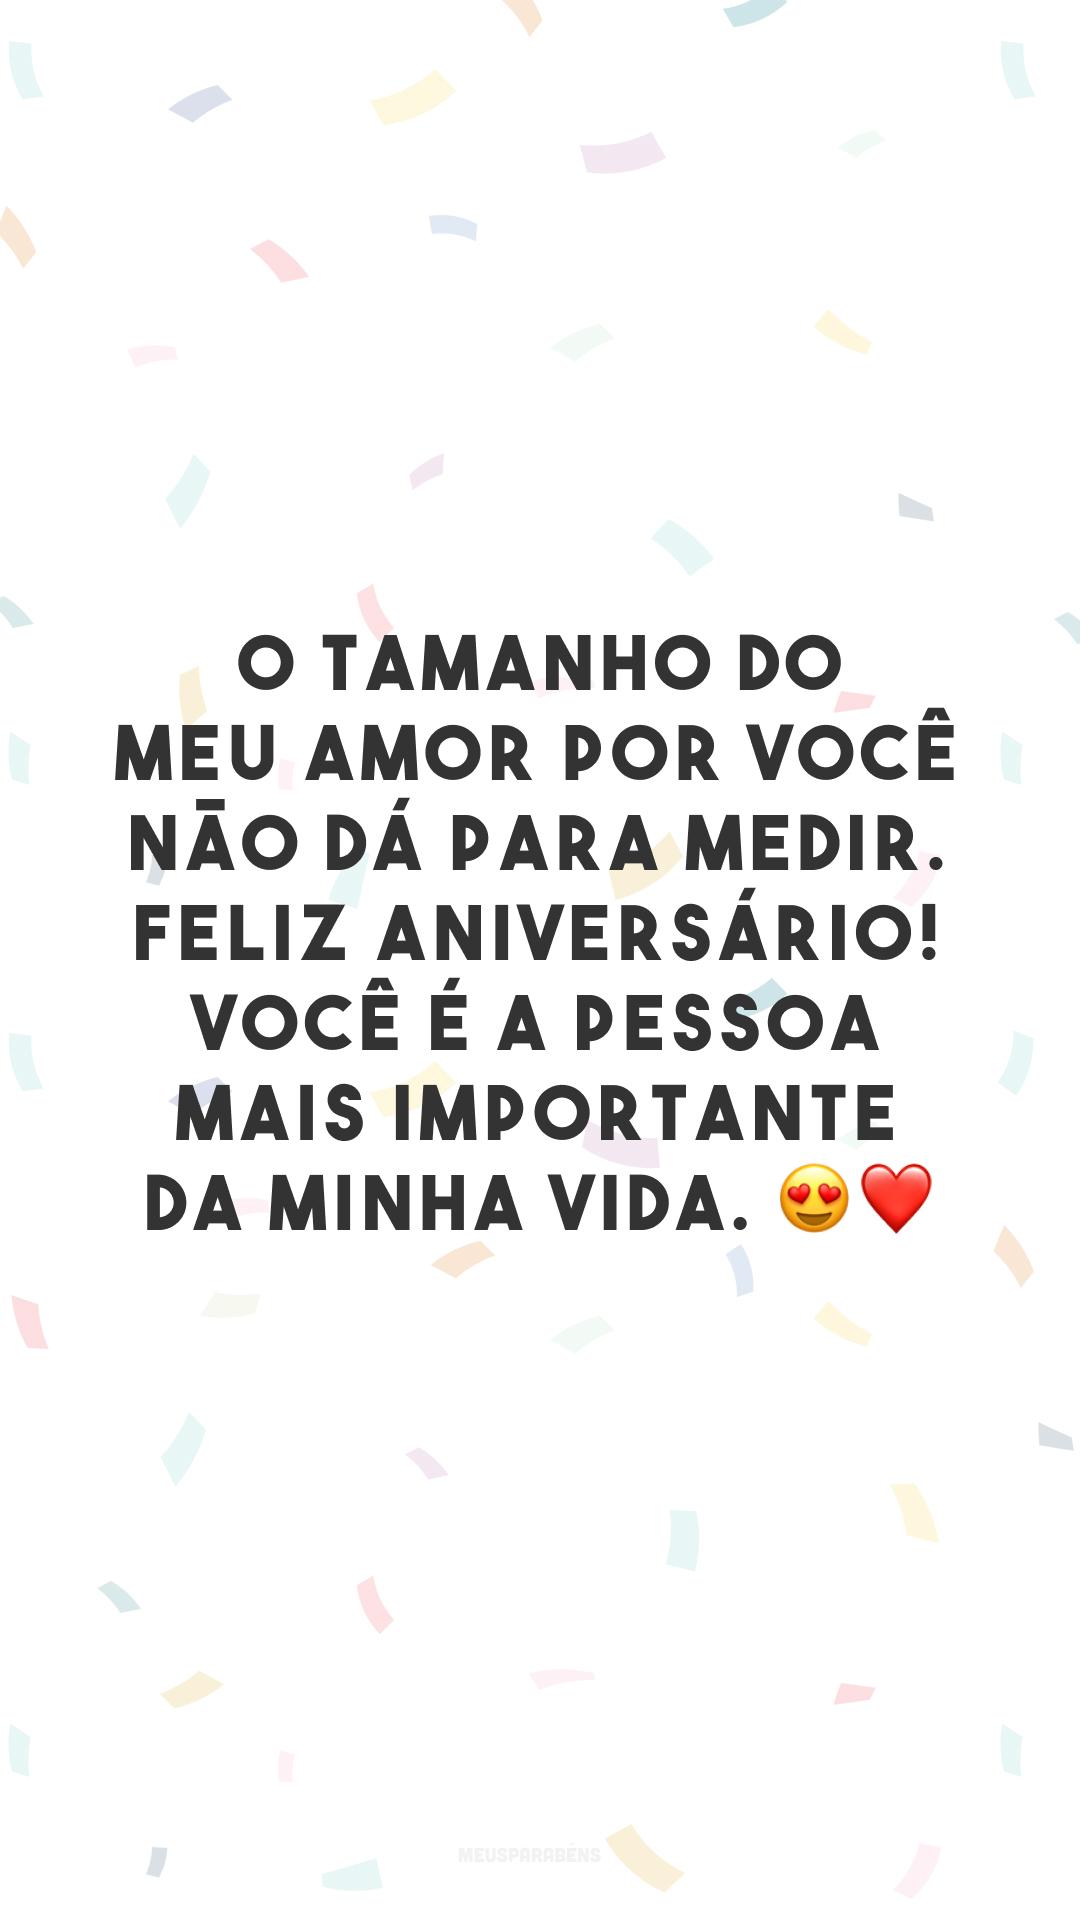 O tamanho do meu amor por você não dá para medir. Feliz aniversário! Você é a pessoa mais importante da minha vida. 😍❤